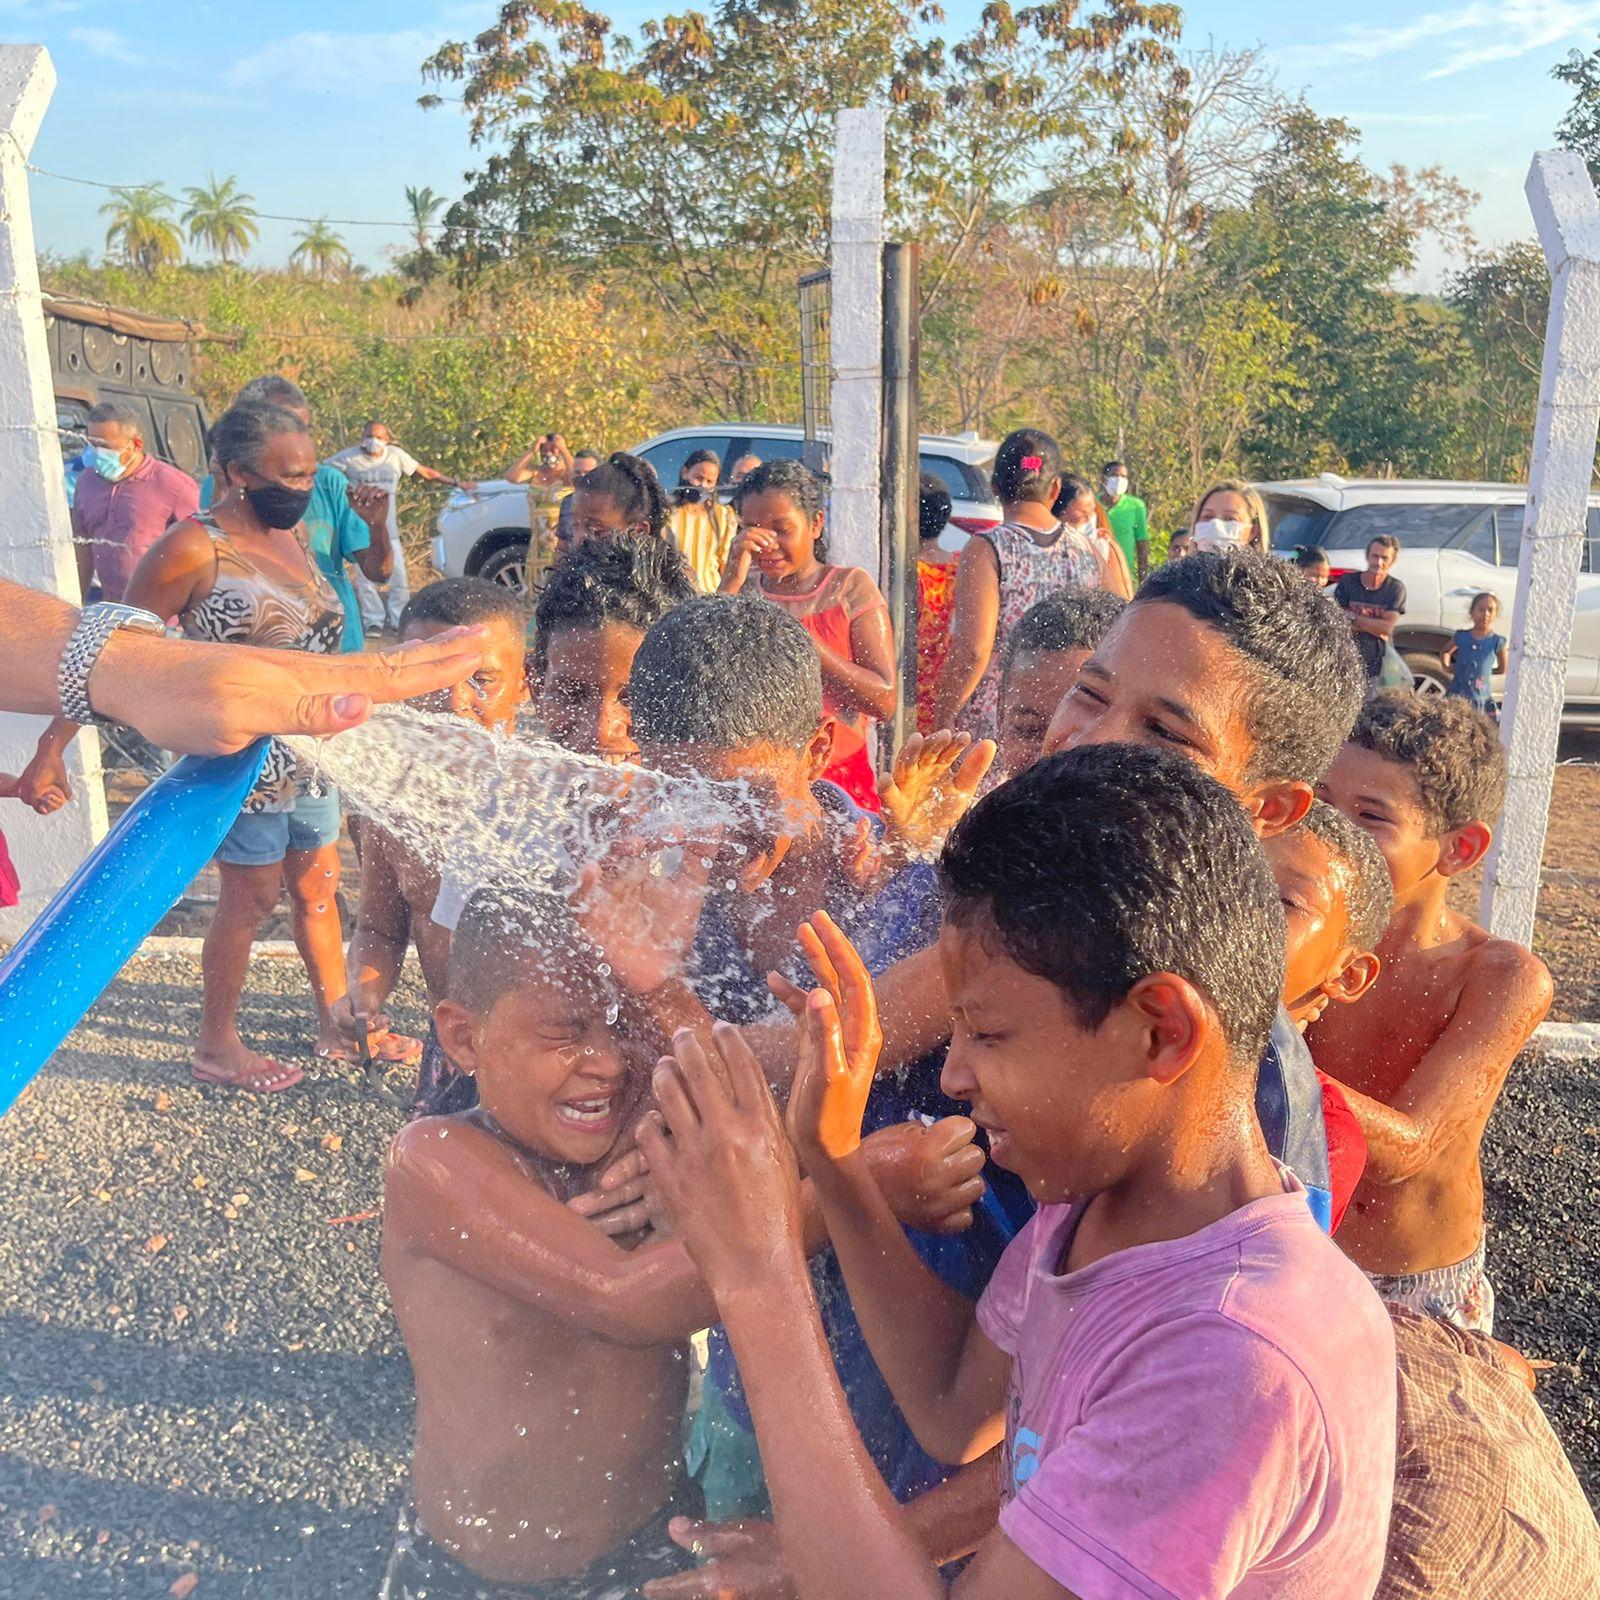 Cleide Coutinho viabiliza instalação de sistema de abastecimento de água em Caxias